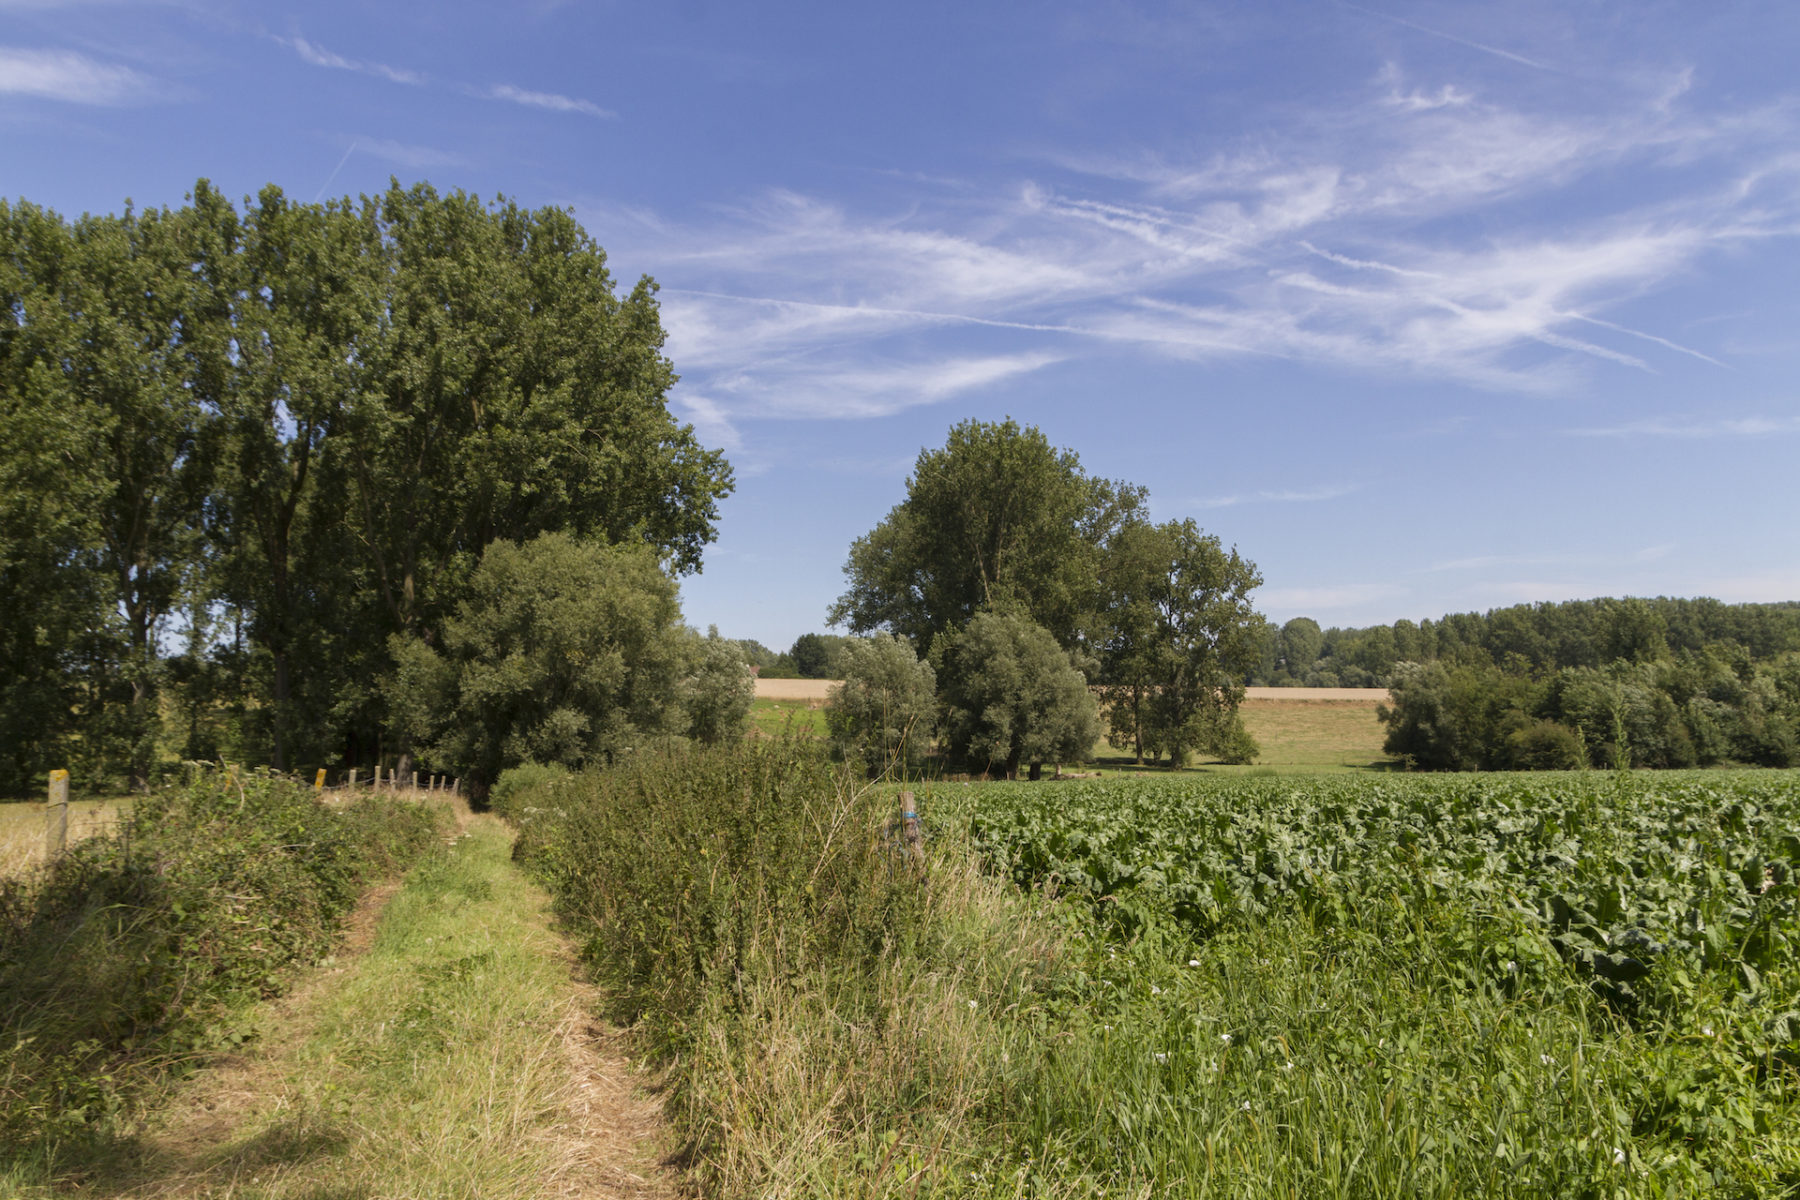 Wandelen in de groene omgeving van Eyndevelde